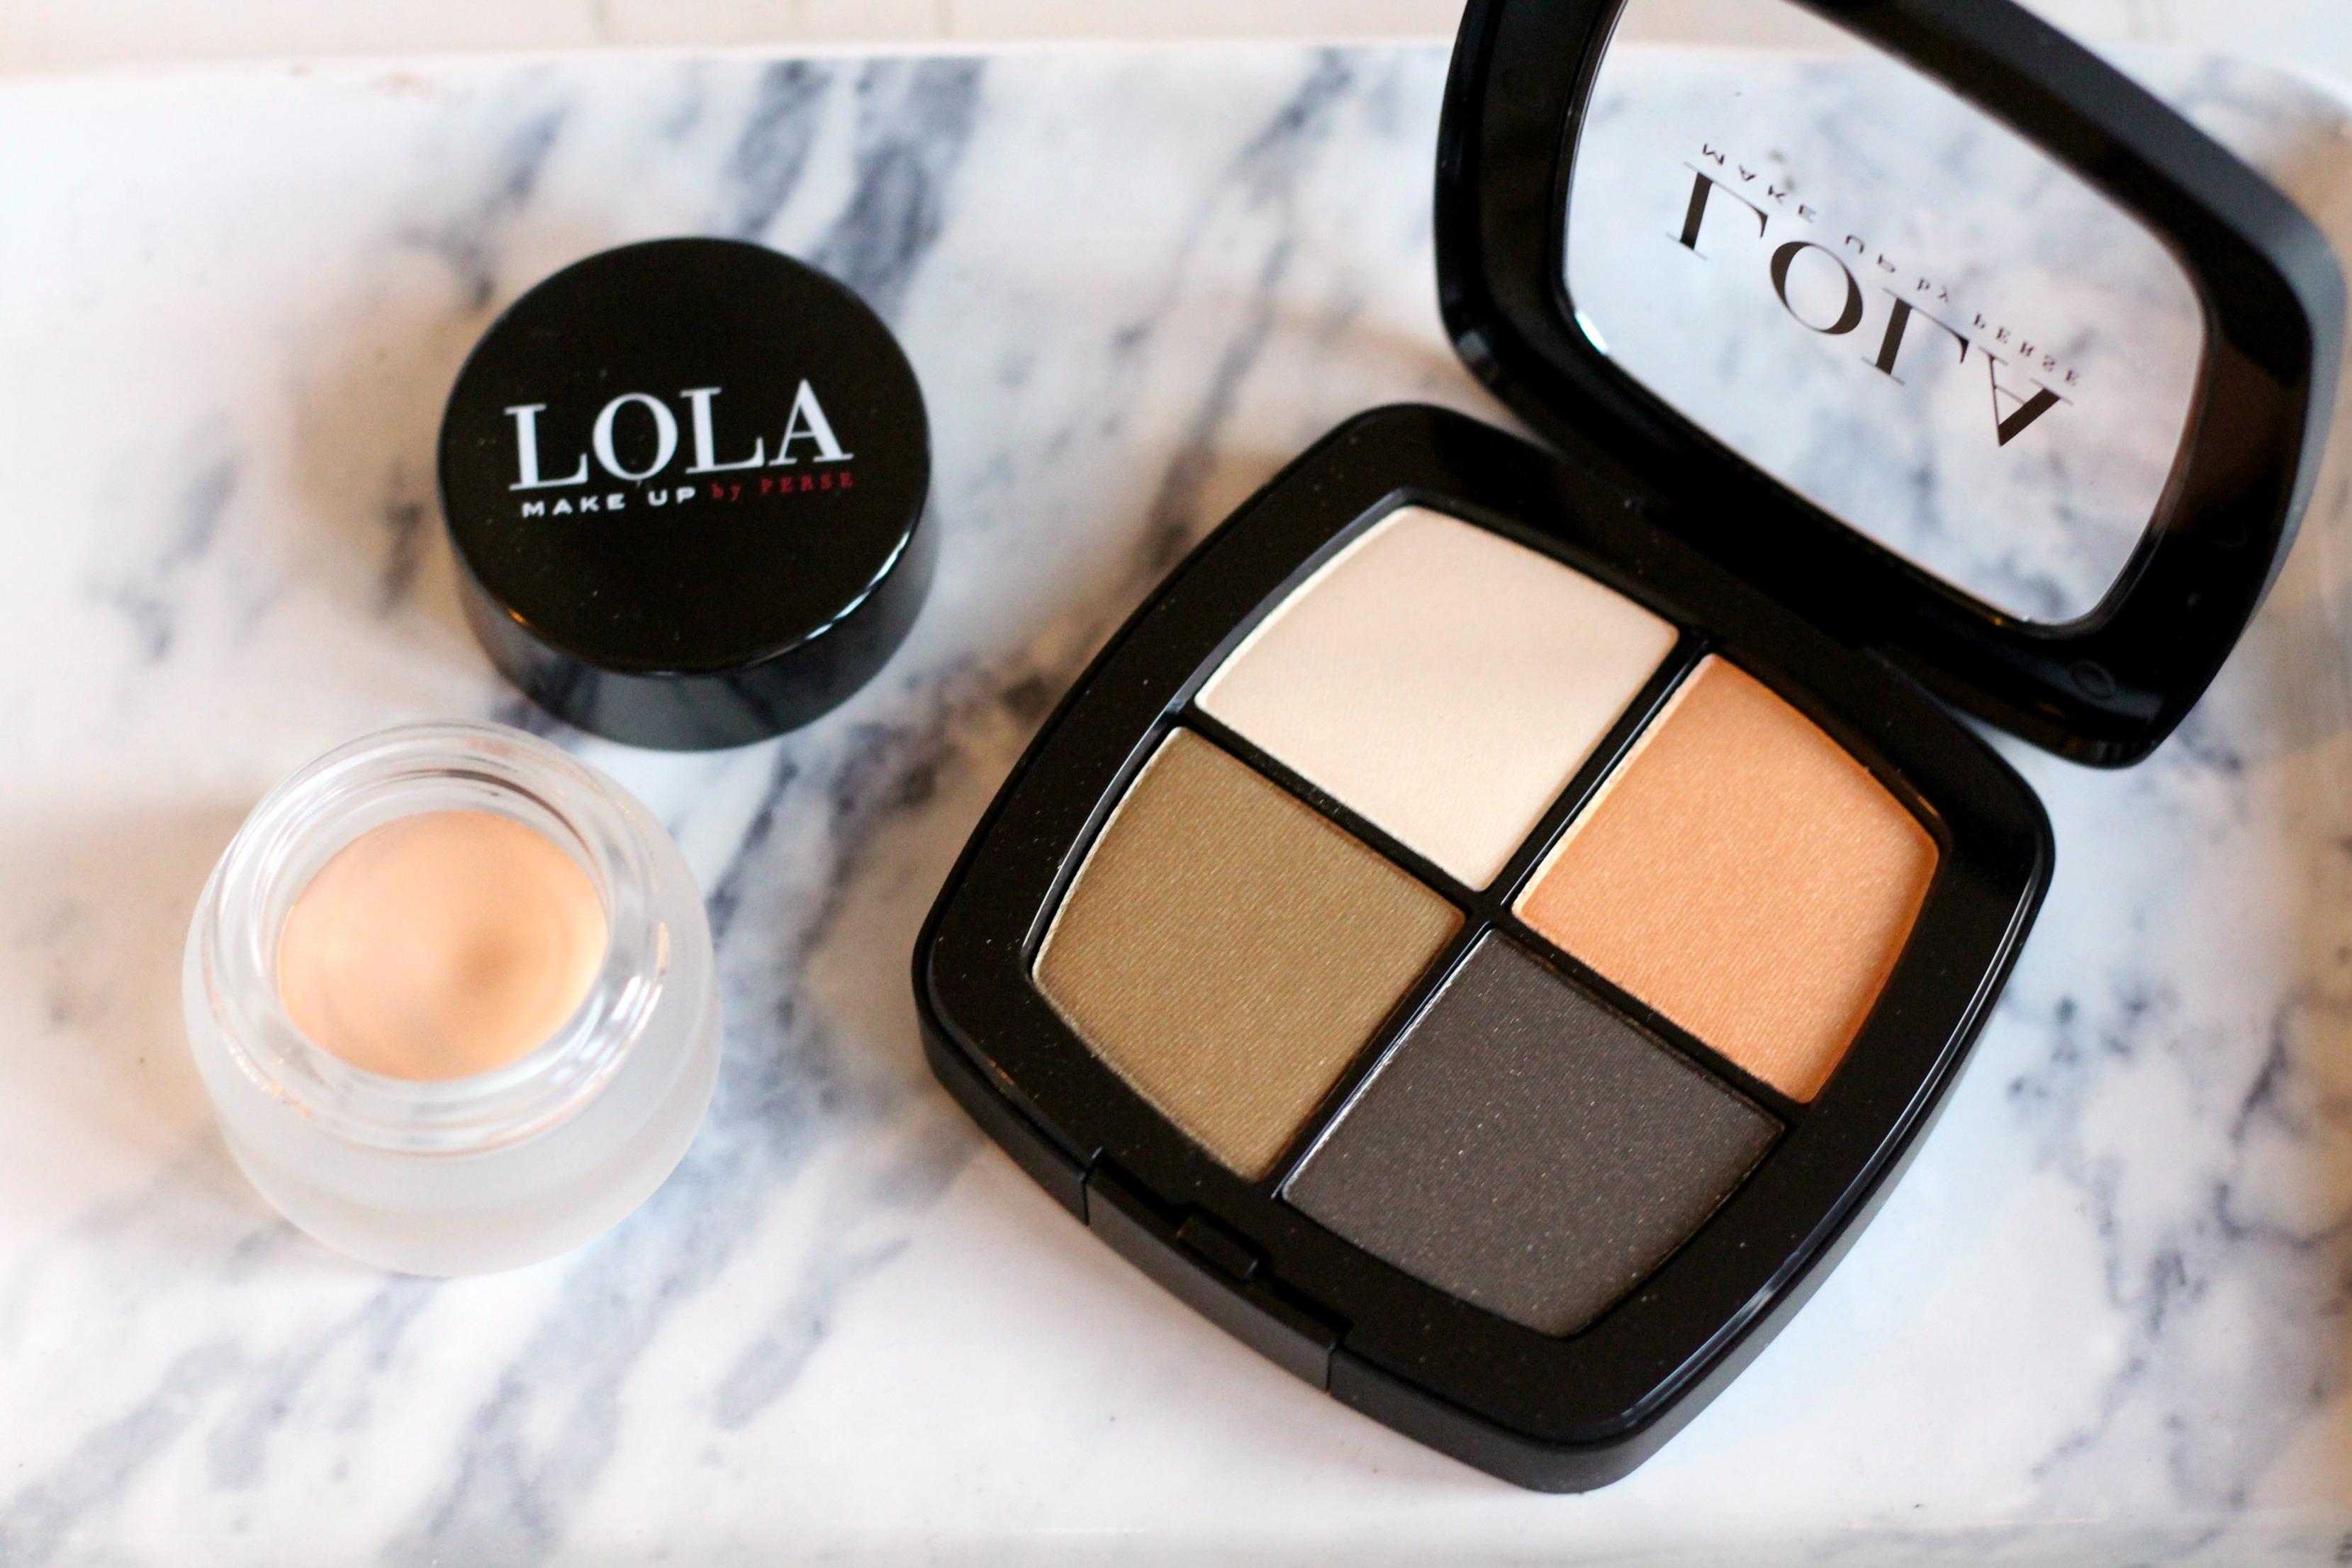 Lola Makeup An Introduction Review